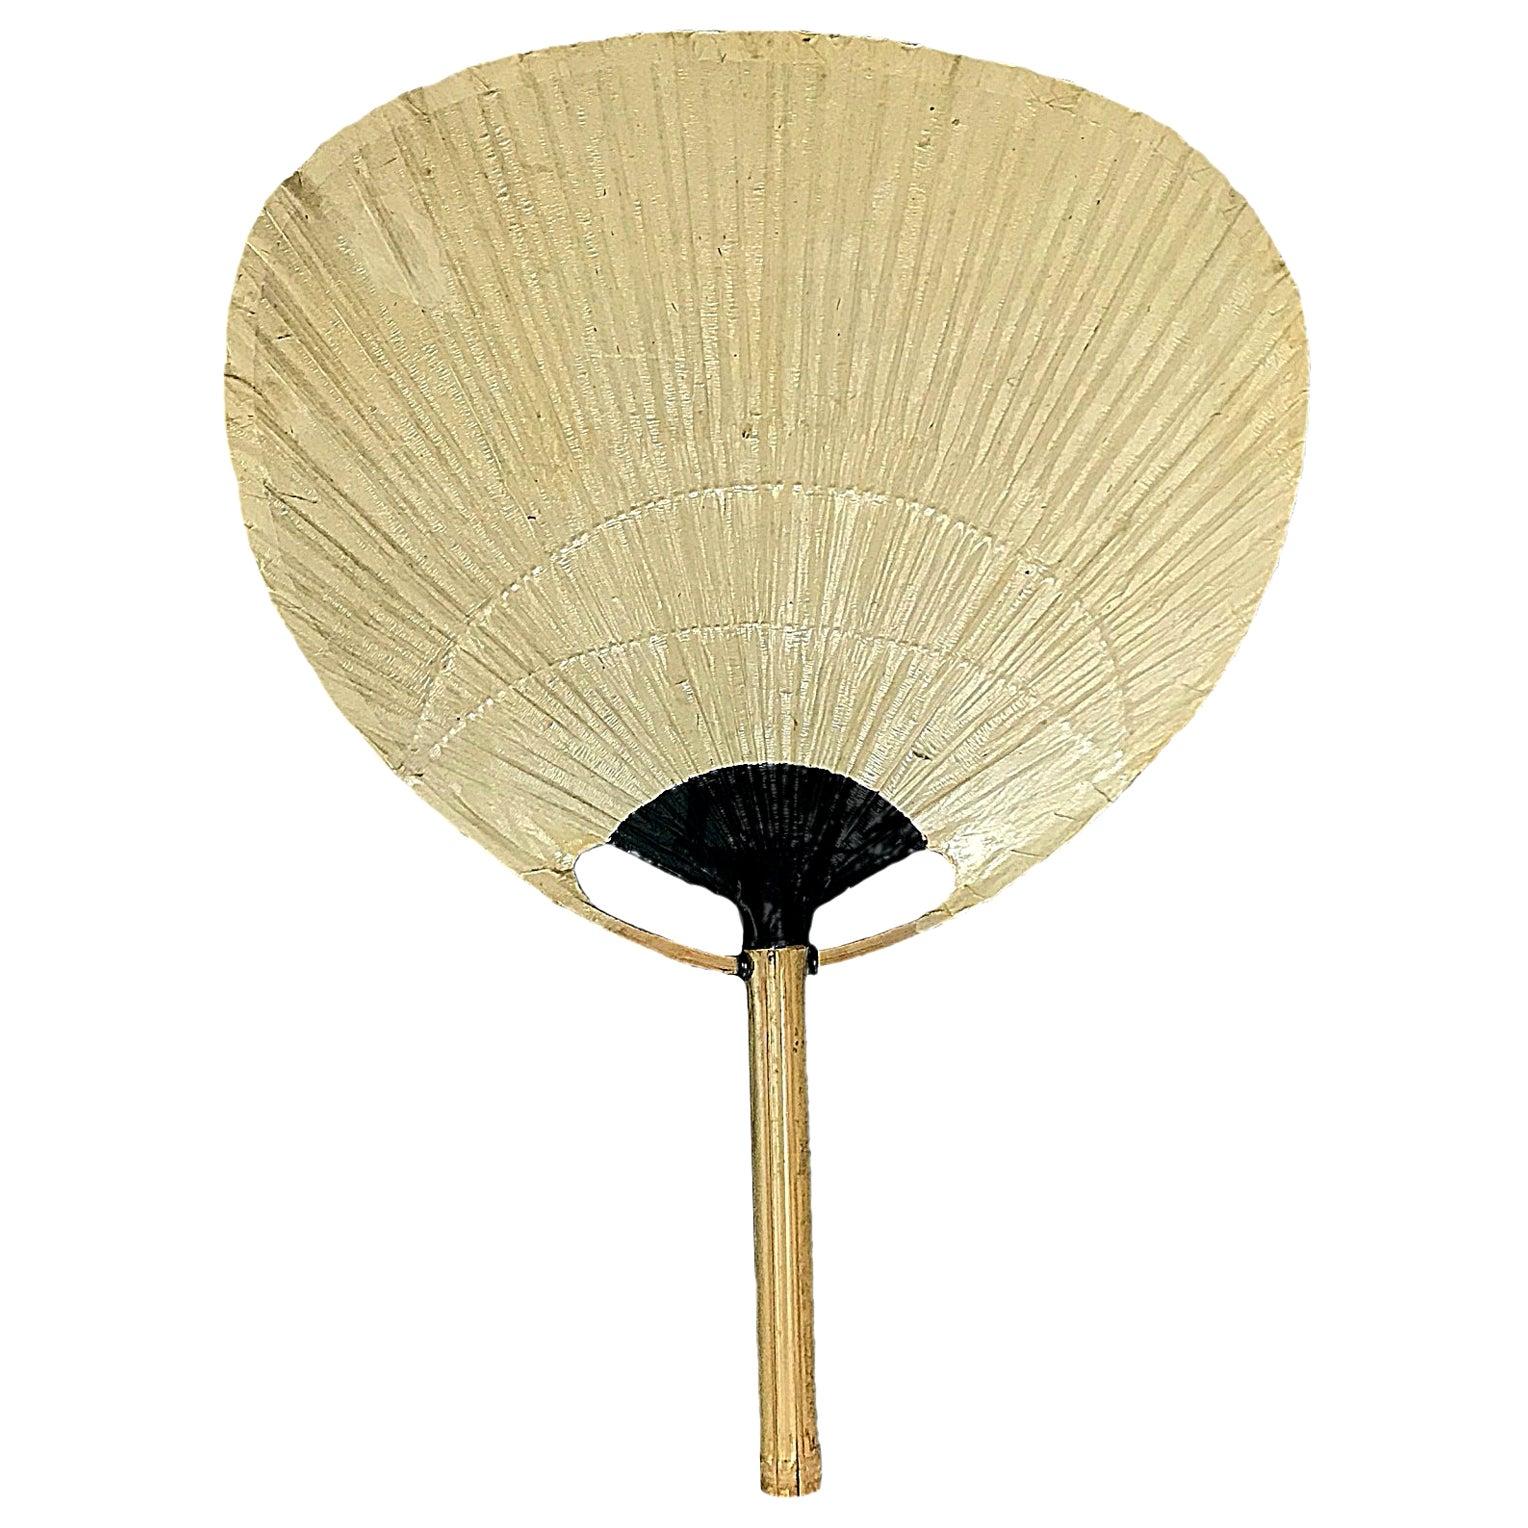 Midcentury Ingo Maurer Uchiwa ll Bamboo Wall Lamp, 1970s, Germany